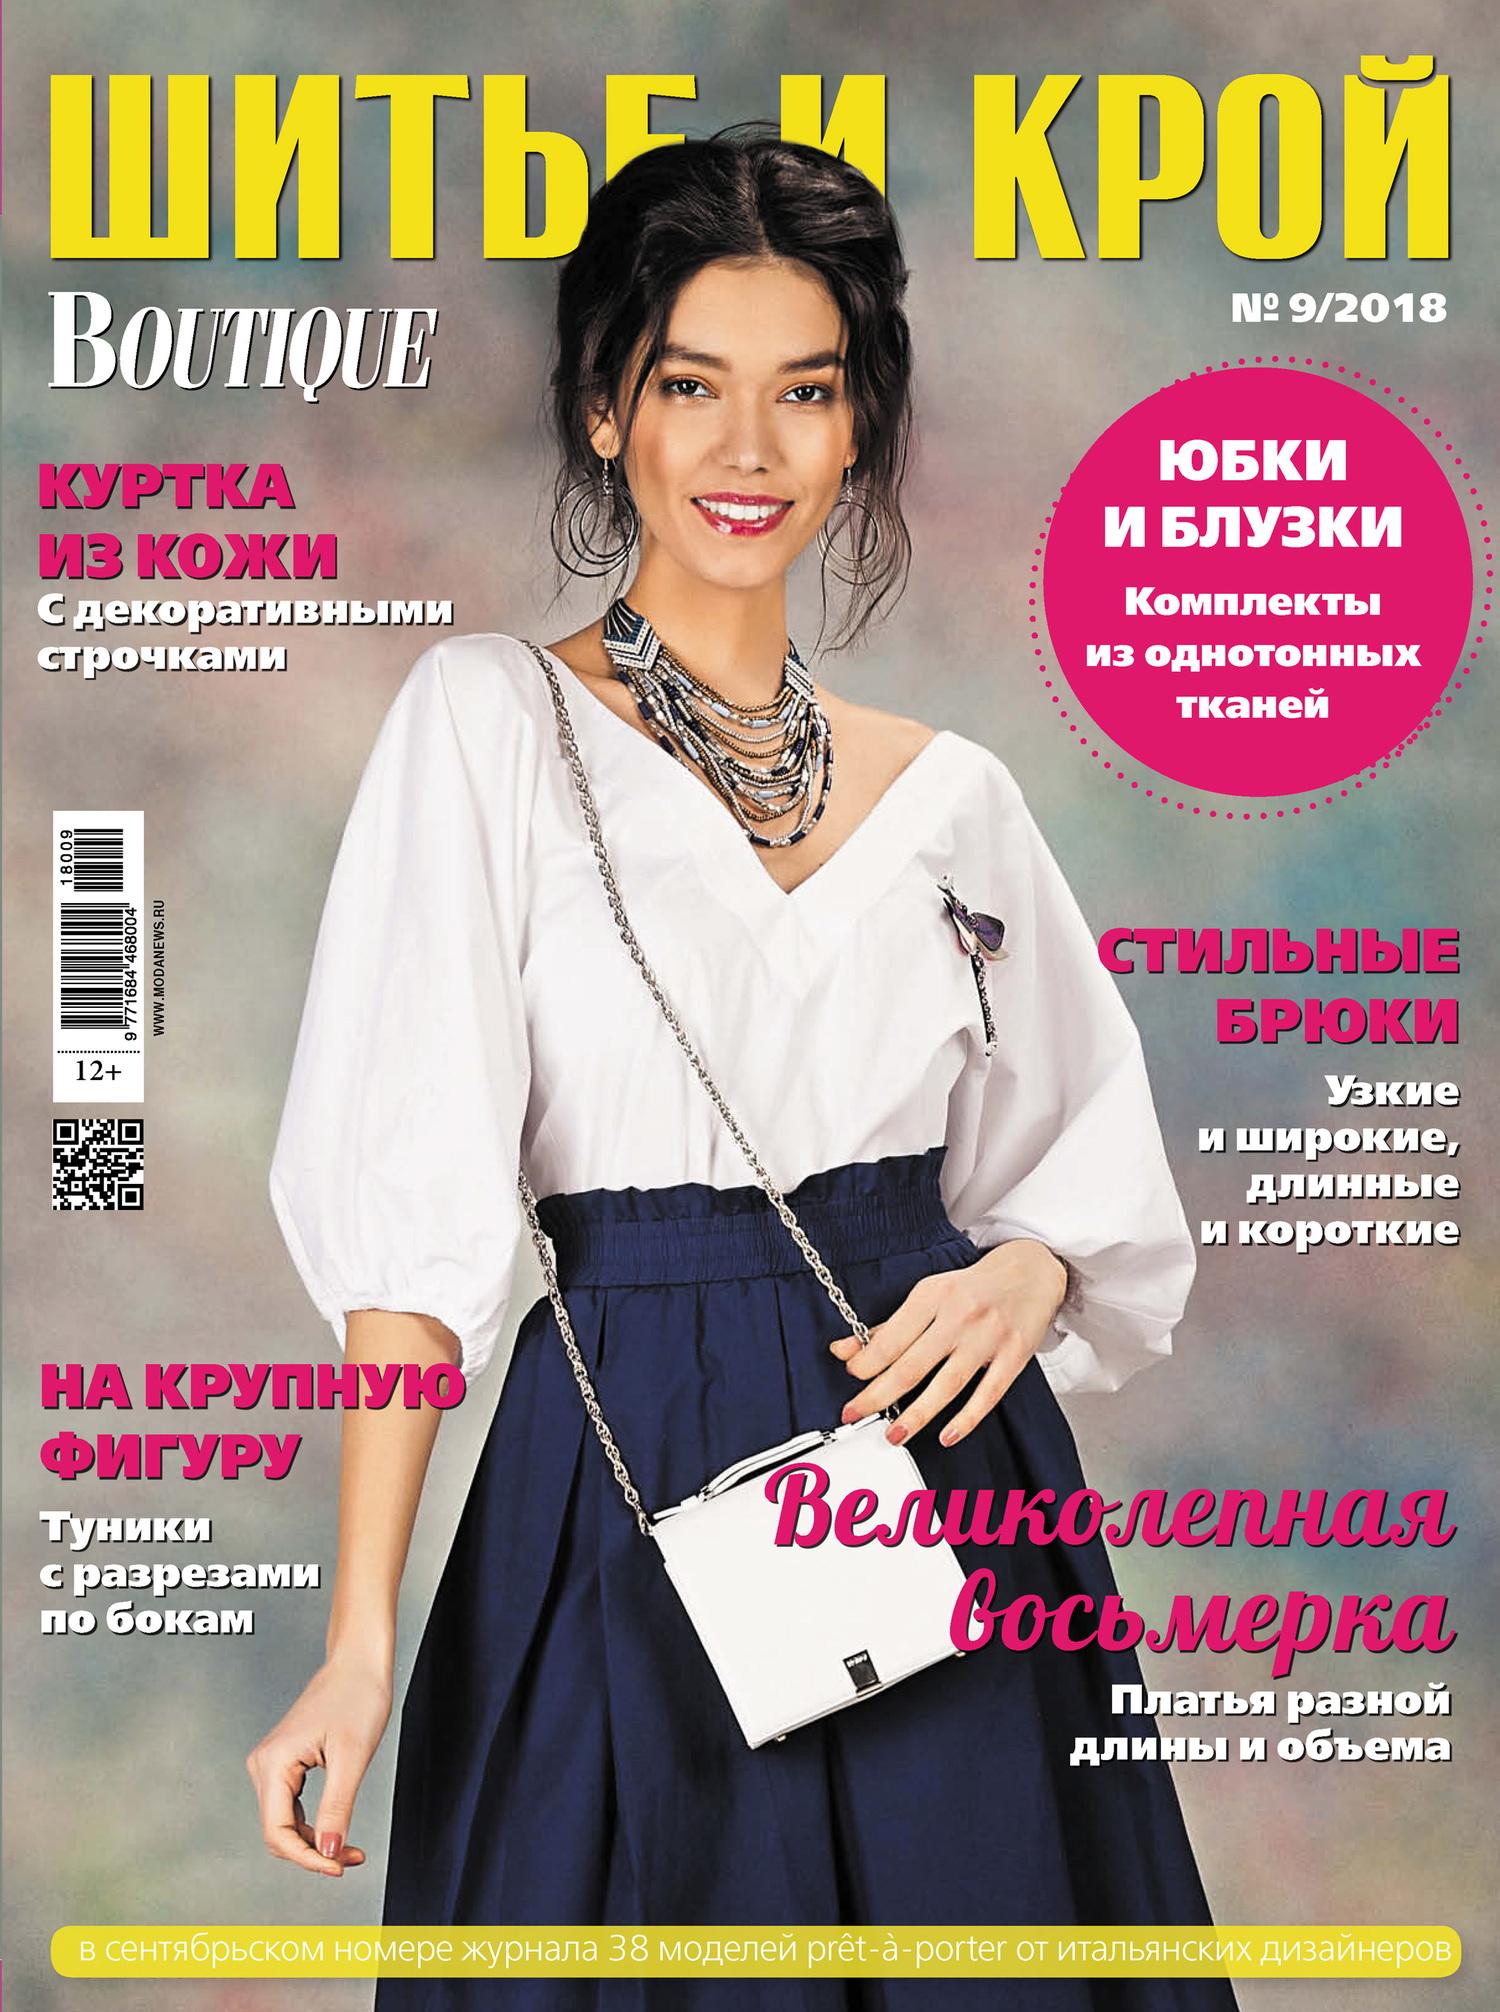 Журнал шитье и крой спецвыпуск №9 сентябрь 2018 читать онлайн.